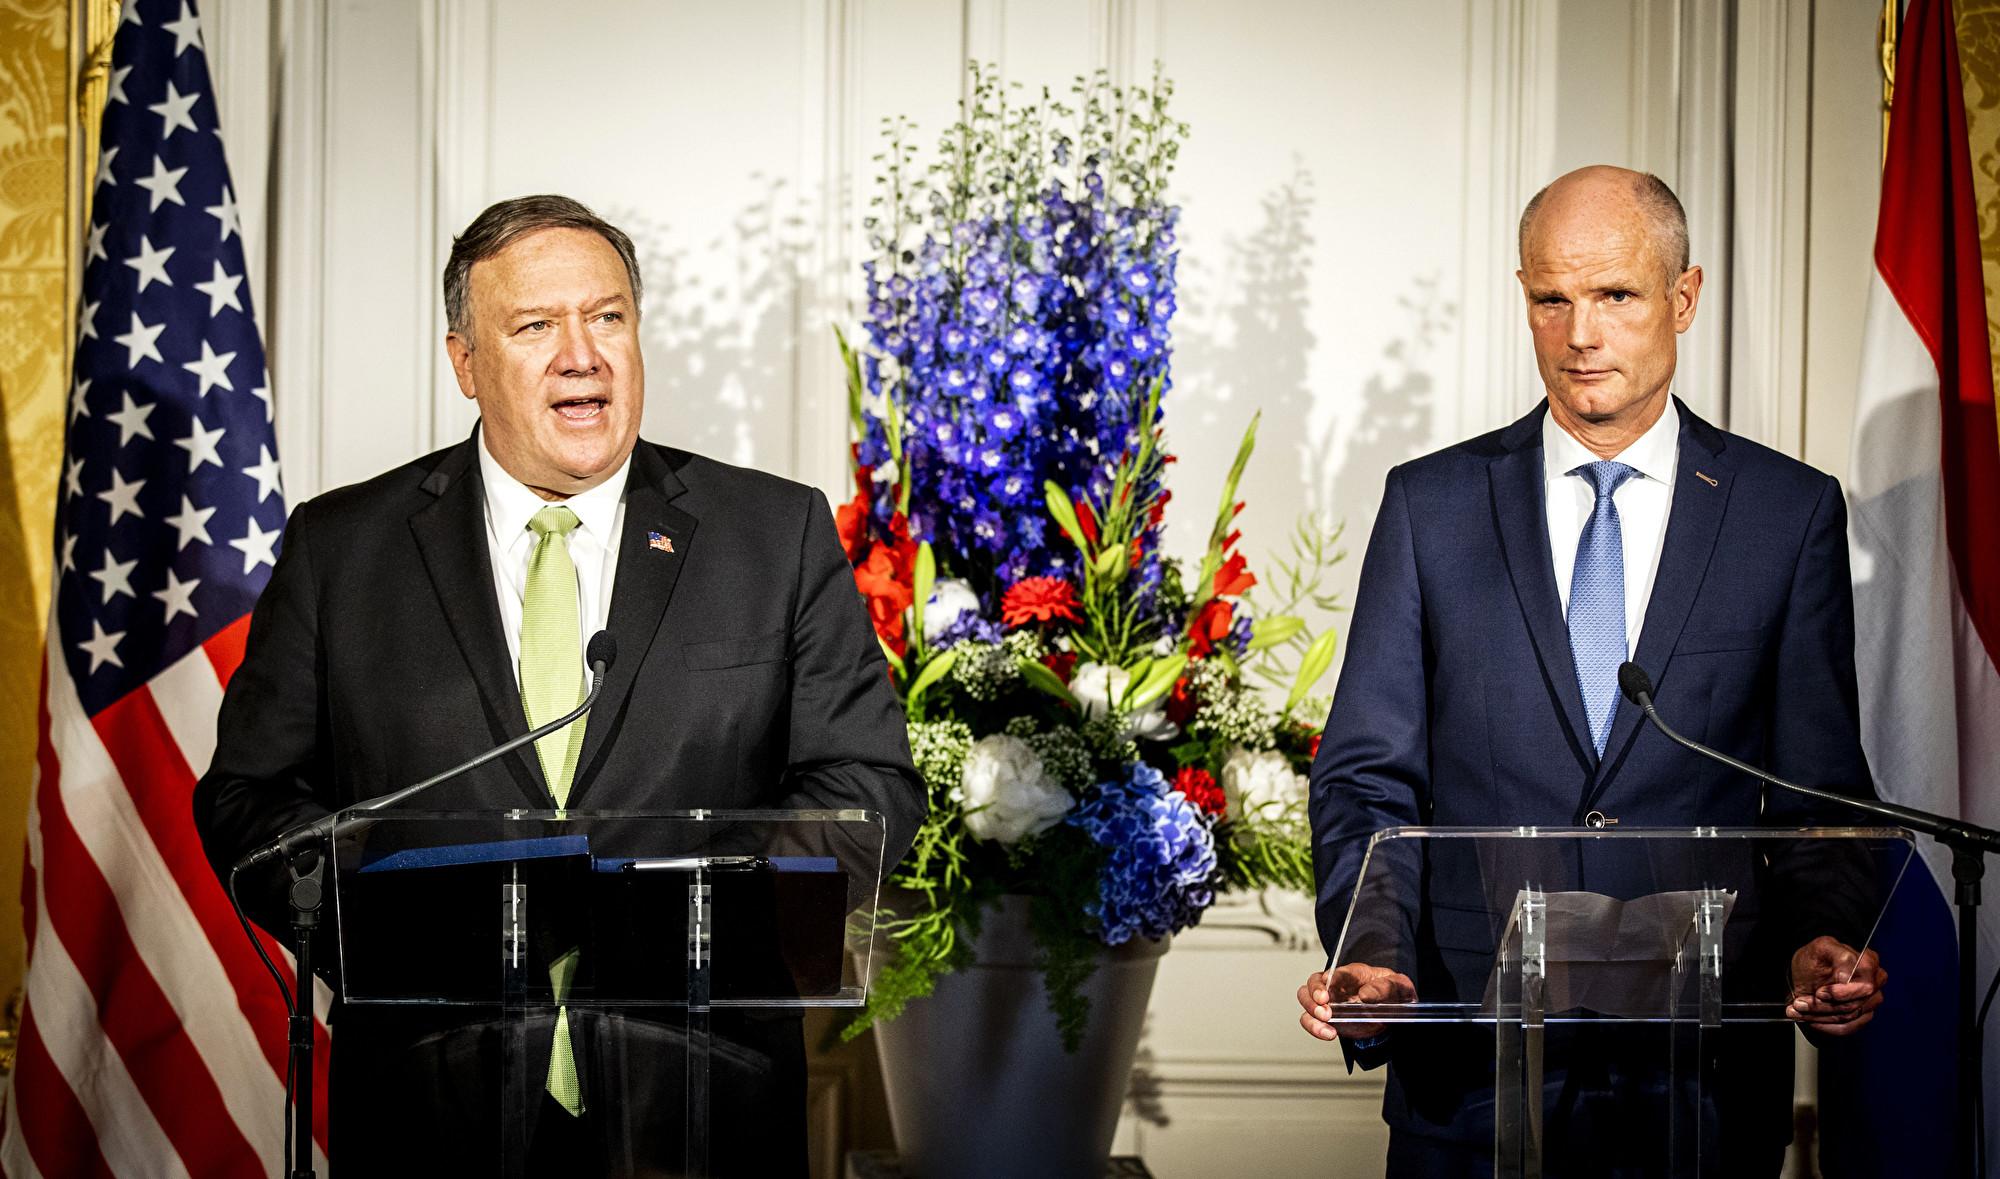 美國國務卿邁克・蓬佩奧(Mike Pompeo)表示,華盛頓正在應對北京數十年來的不公平貿易,㝷求「公平競爭」的經貿環境。圖為蓬佩奧6月3日與荷蘭外交部長史戴夫‧布洛克(Stef Blok,圖右)舉行聯合新聞發佈會。(Remko de Waal/ANP/AFP)